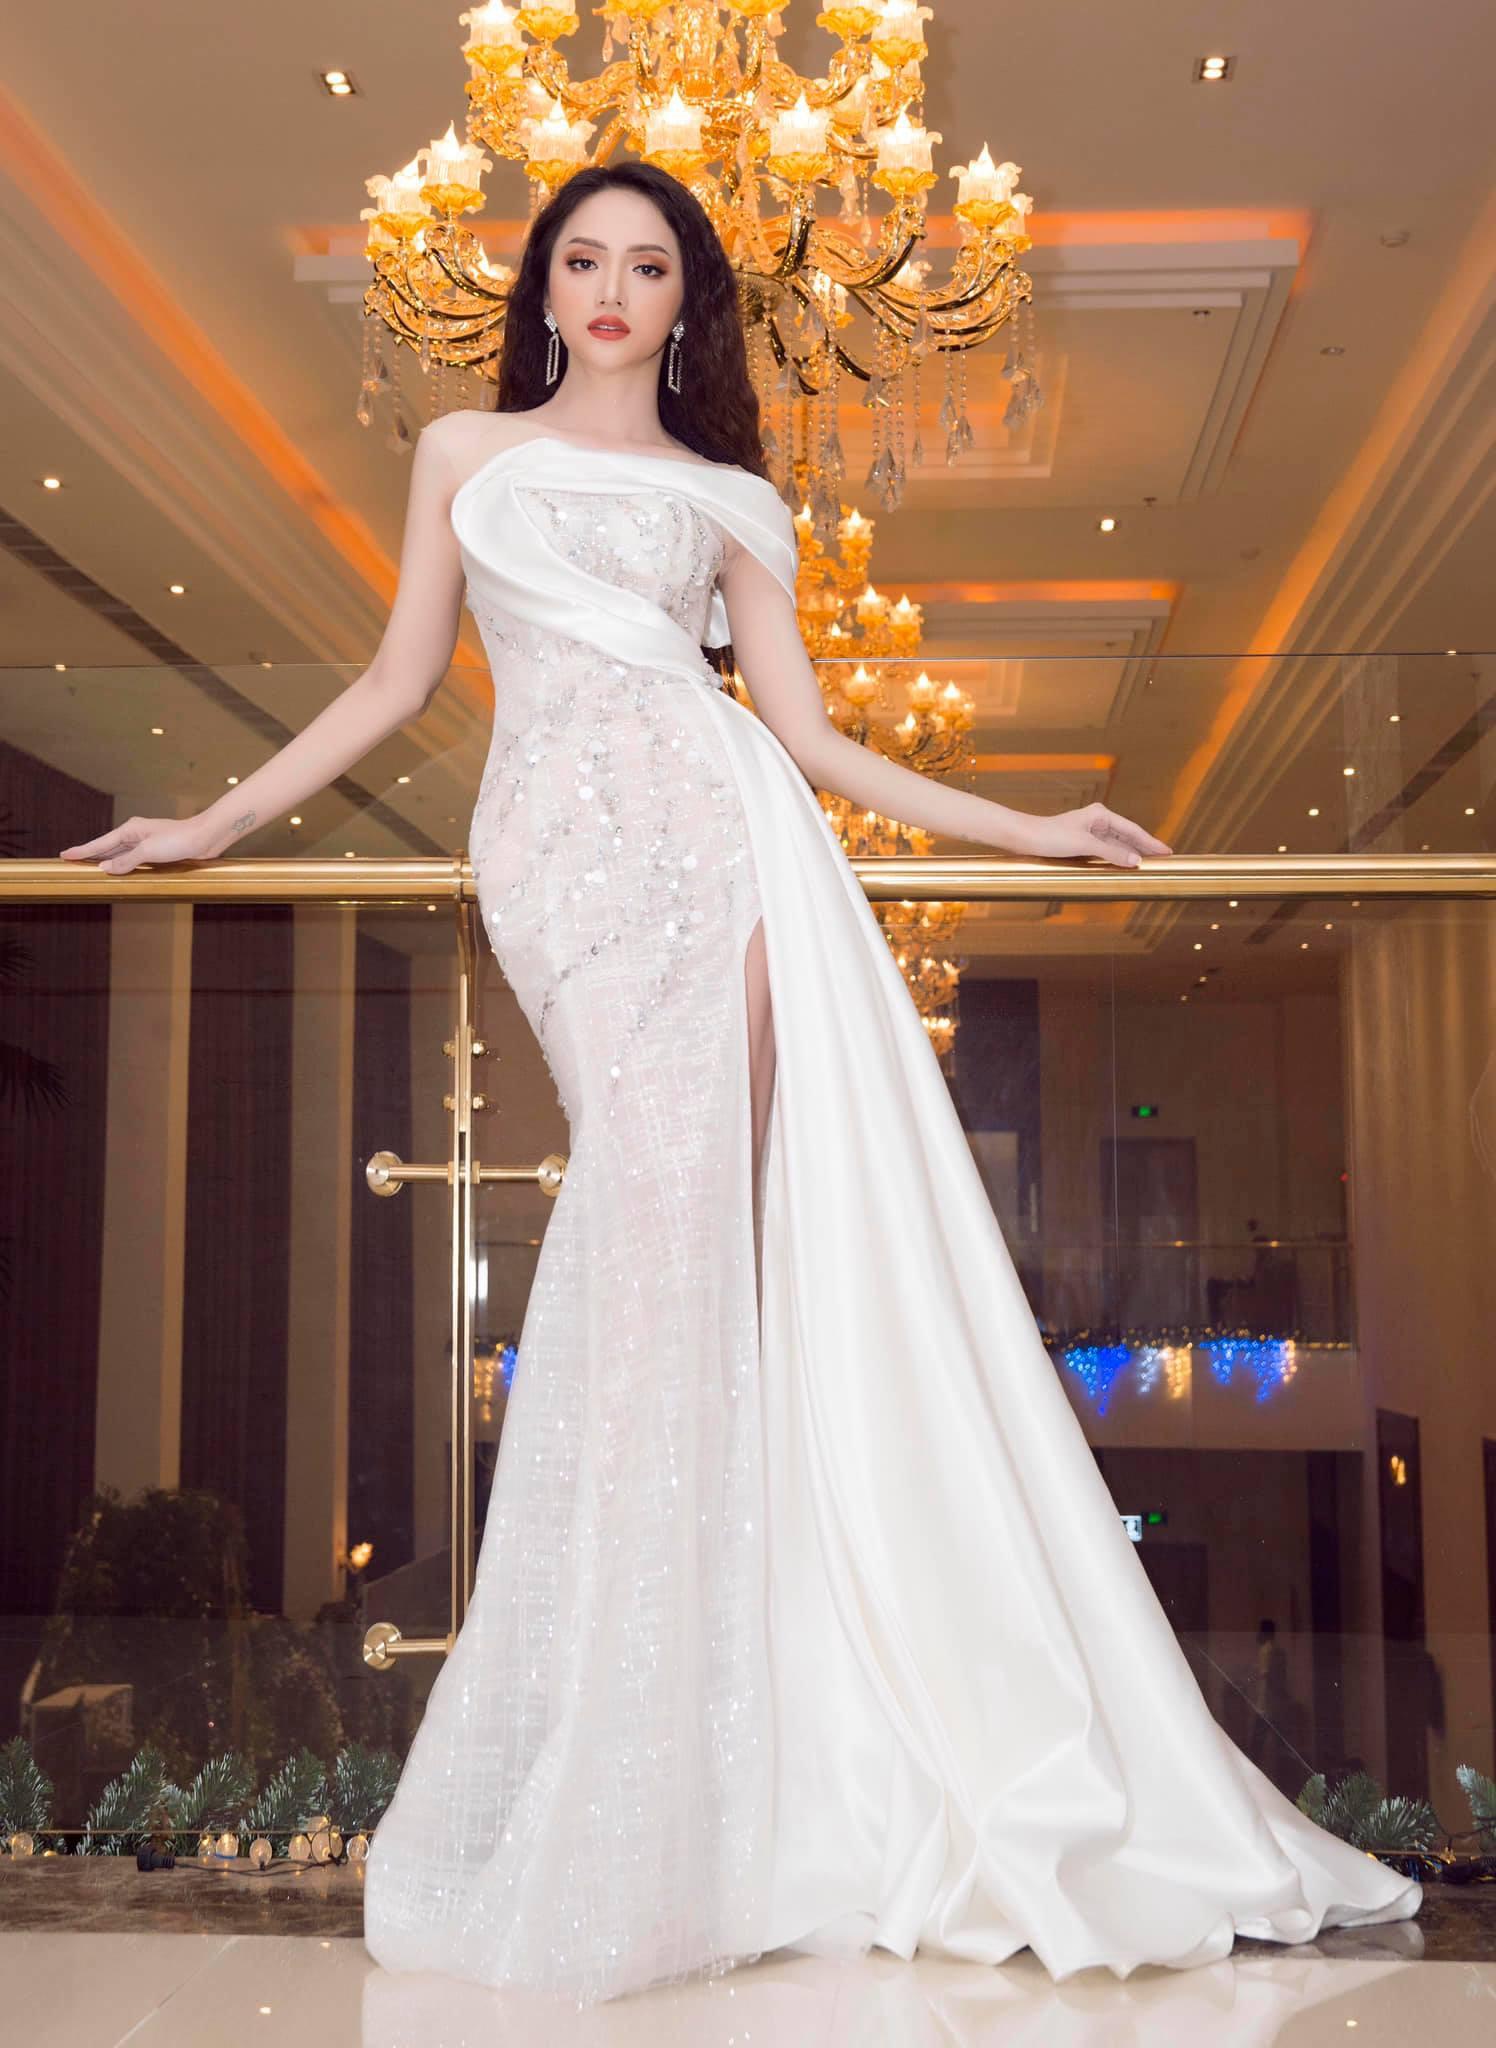 Những chiếc váy giúp Hoa hậu Hương Giang nâng tầm đẳng cấp  - Ảnh 13.